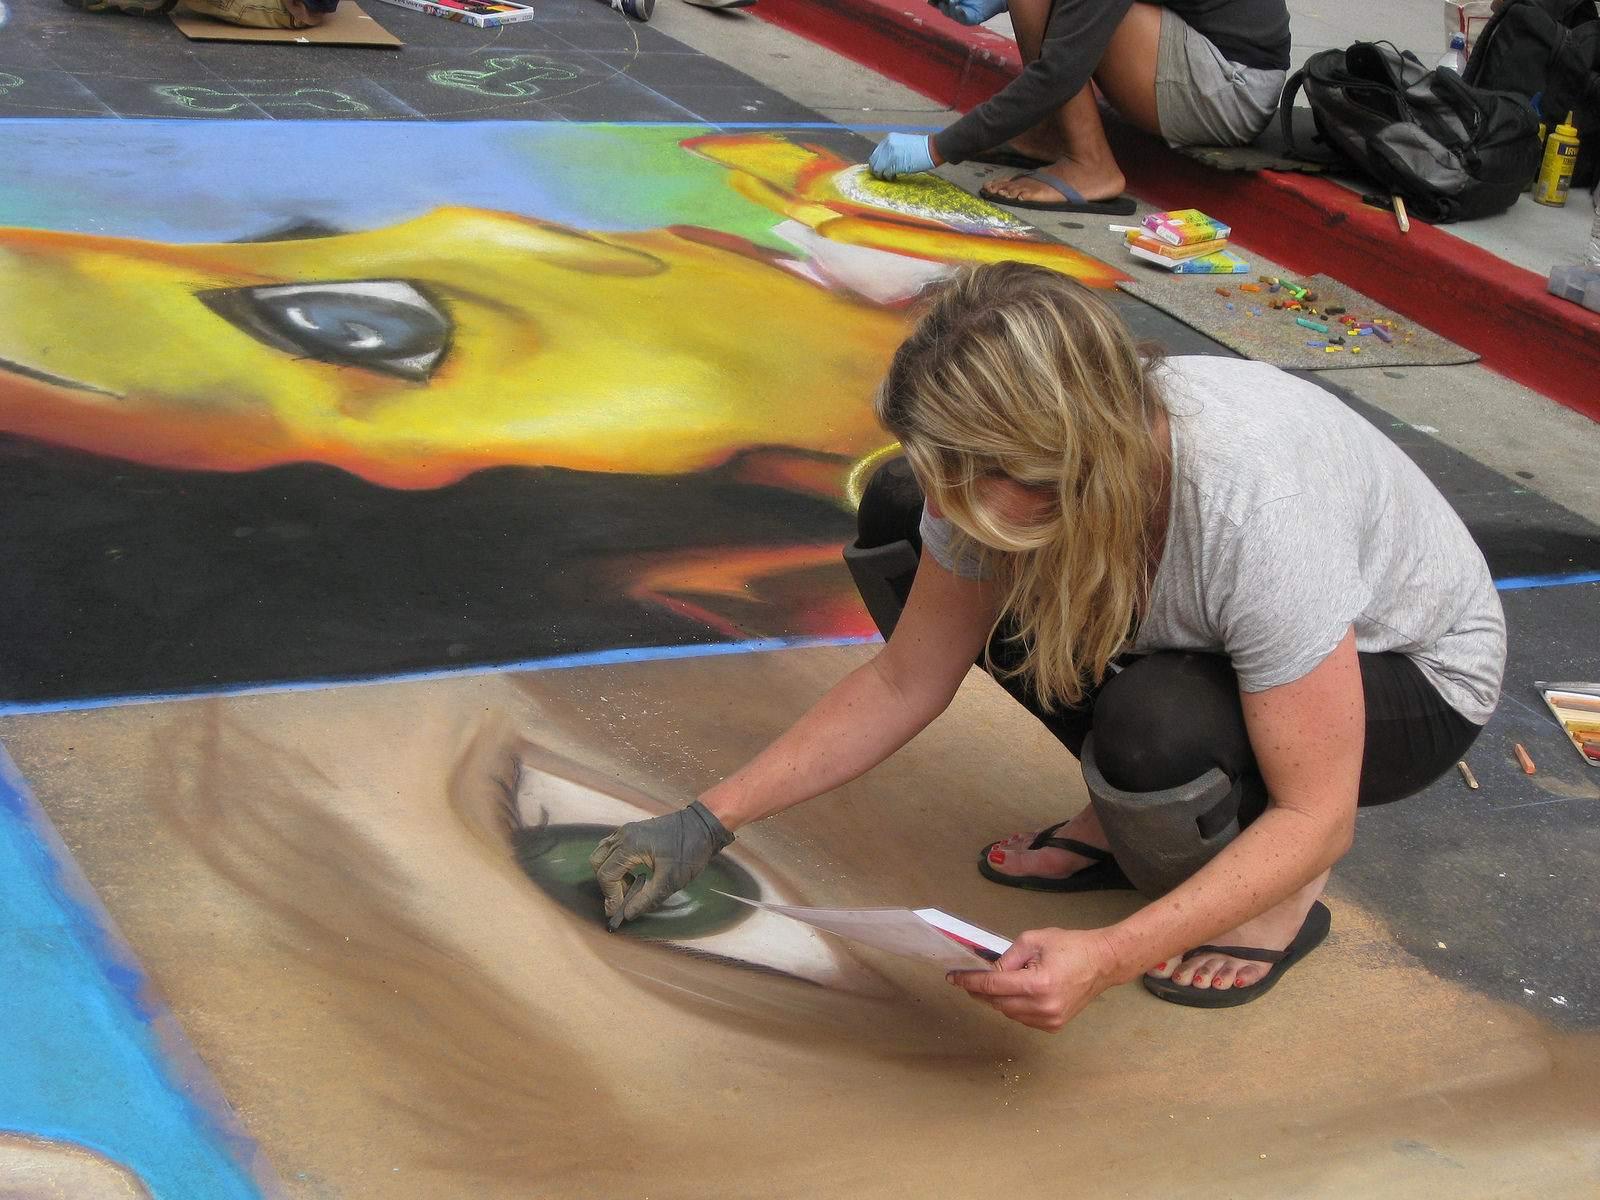 chalk festival9 Chalk Festival in Westlake Shopping Center